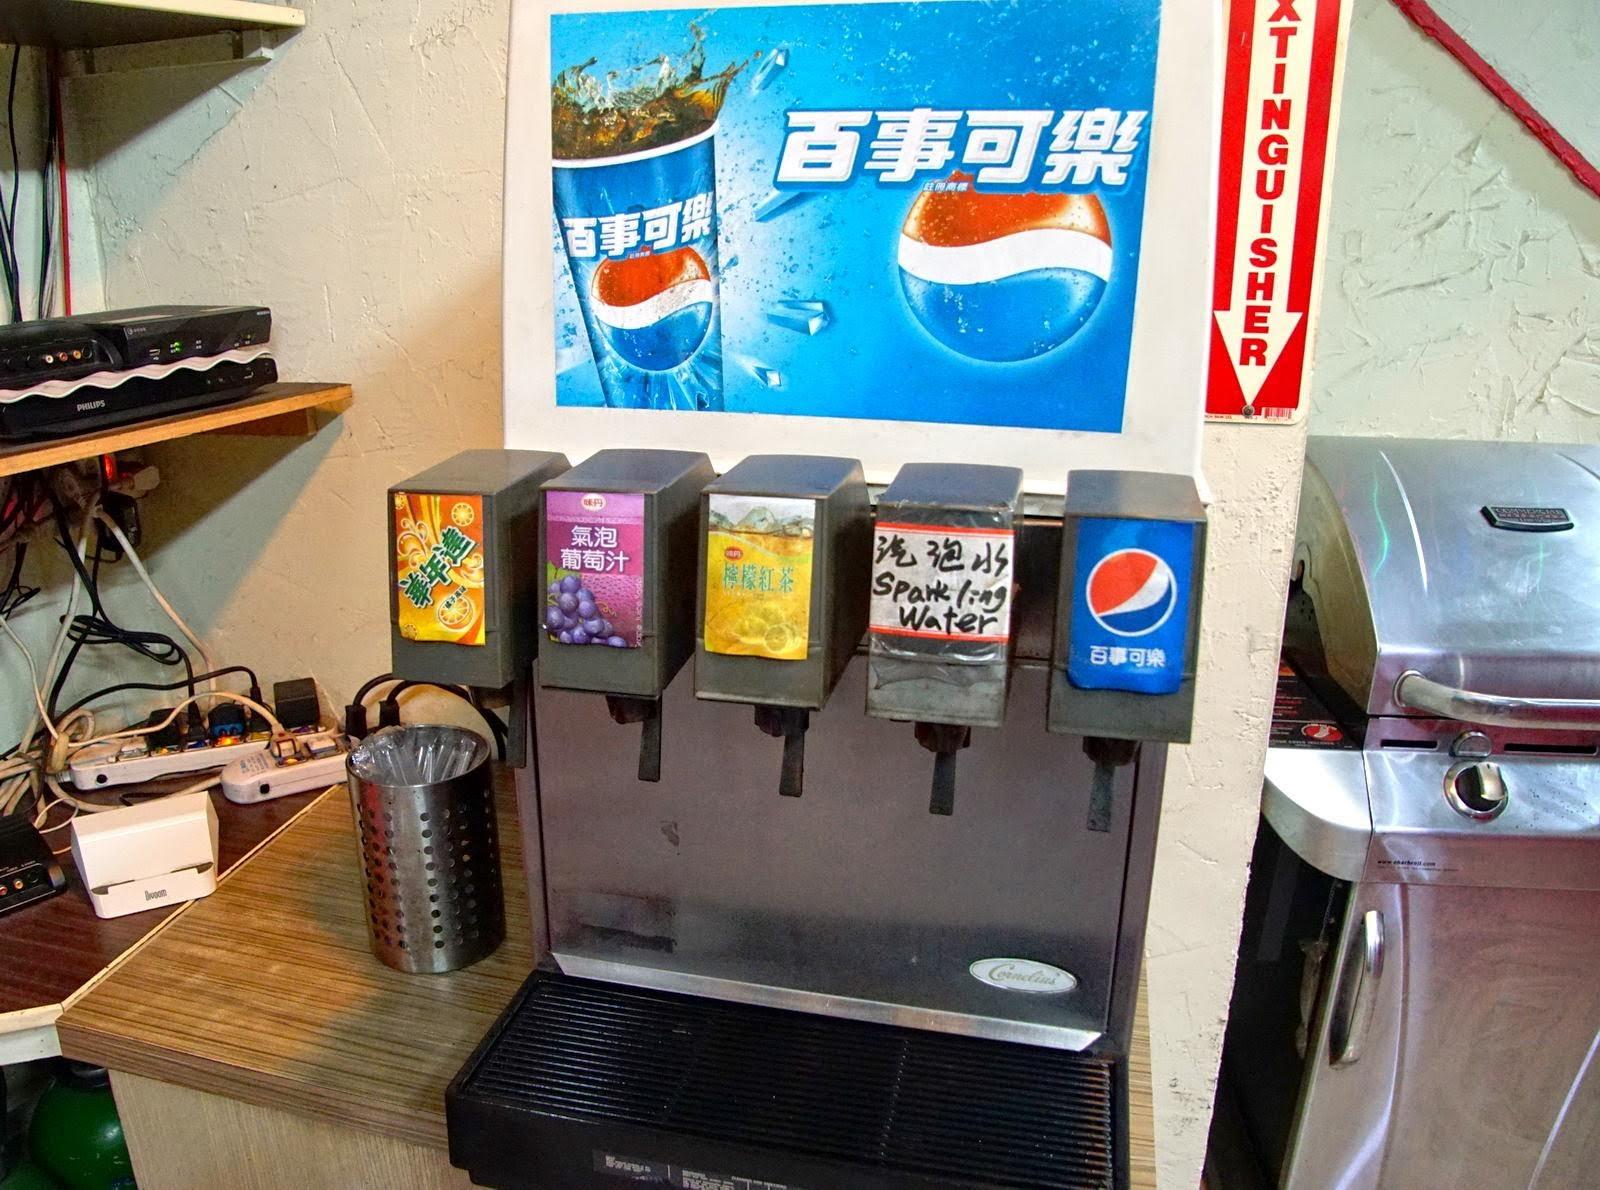 [台南][東區] 可可貝里美式餐廳|Kokopeli Cafe|食記